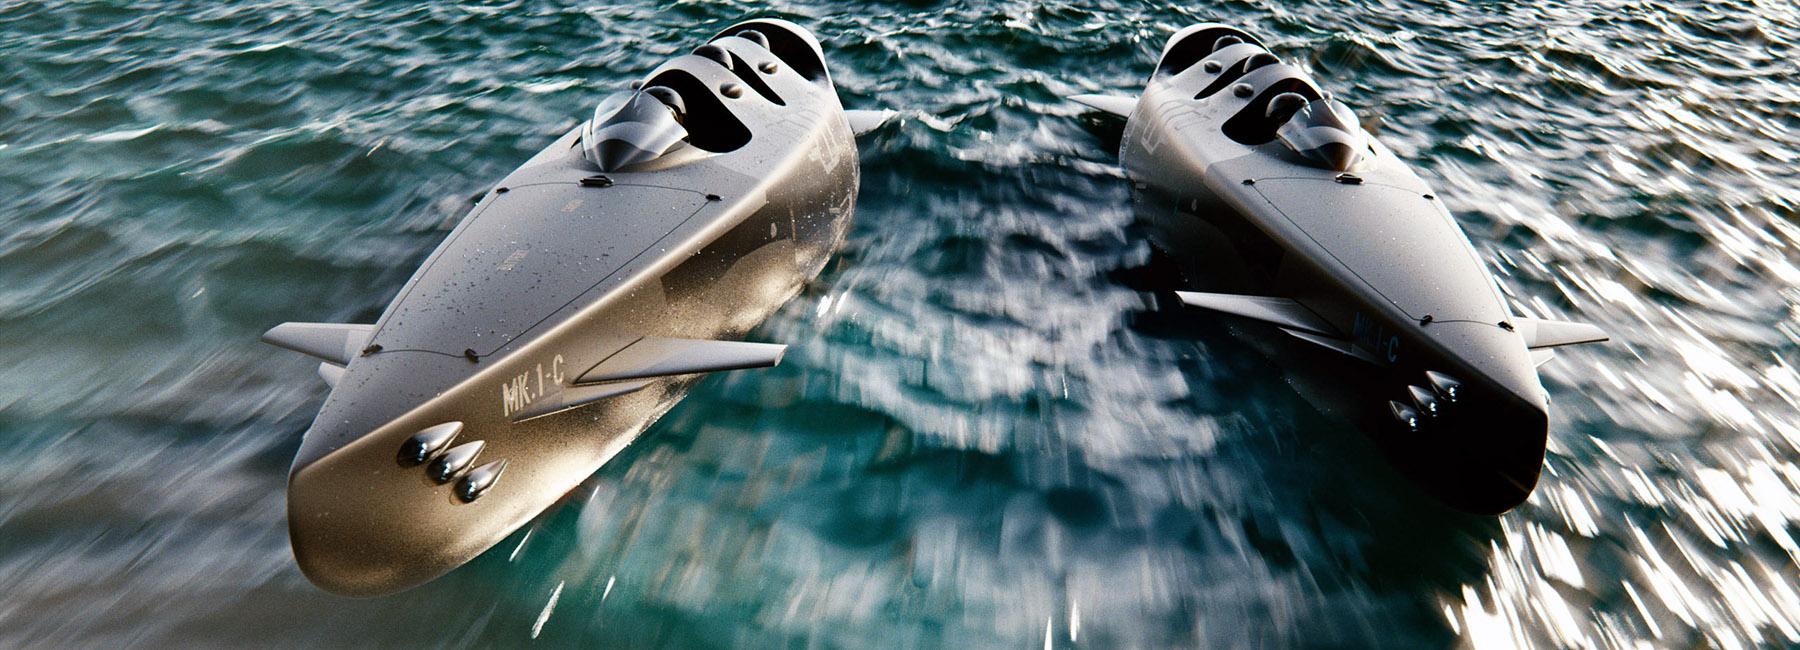 рекорд скорости подводной лодки